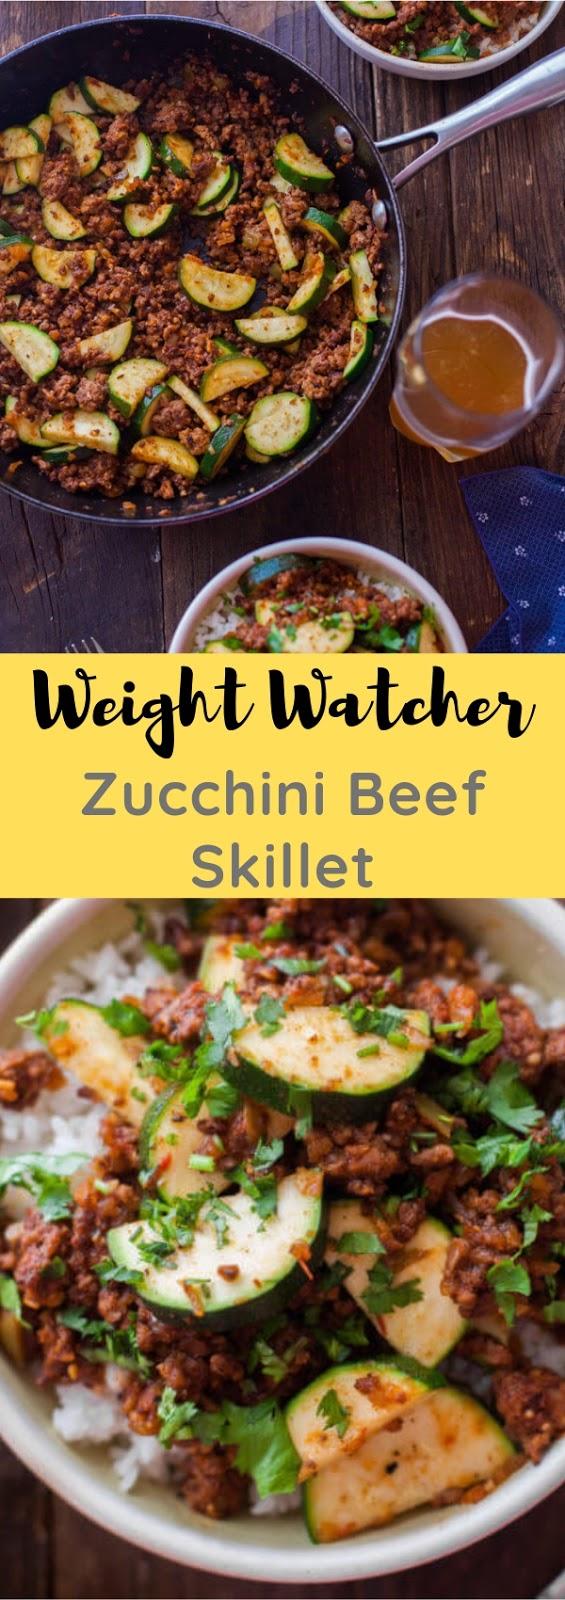 Weight Watcher Zucchini Beef Skillet #lunch #maincourse #weightwacher #zucchini #beef #skillet